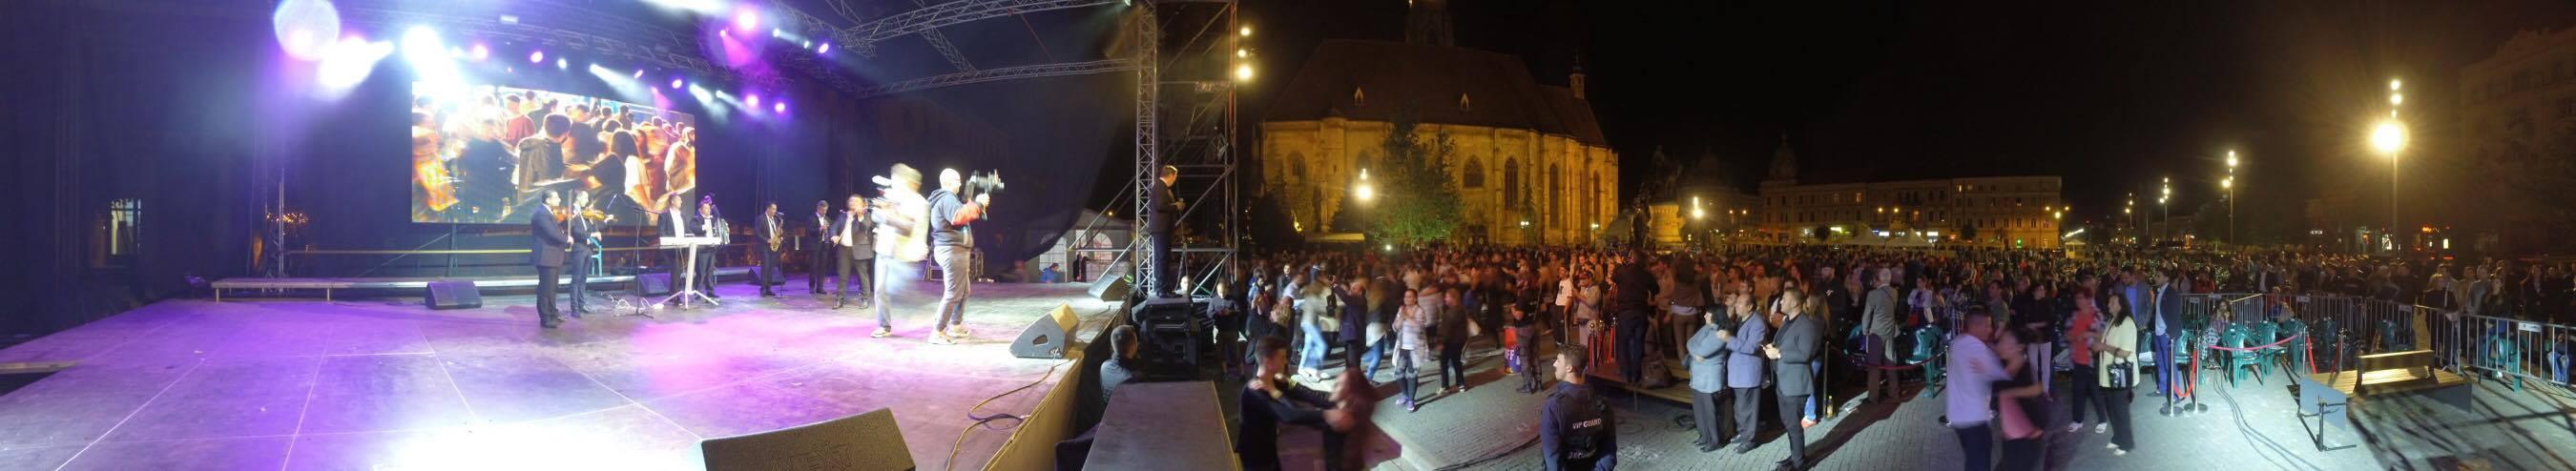 sursa foto: Zilele Clujului (Facebook)